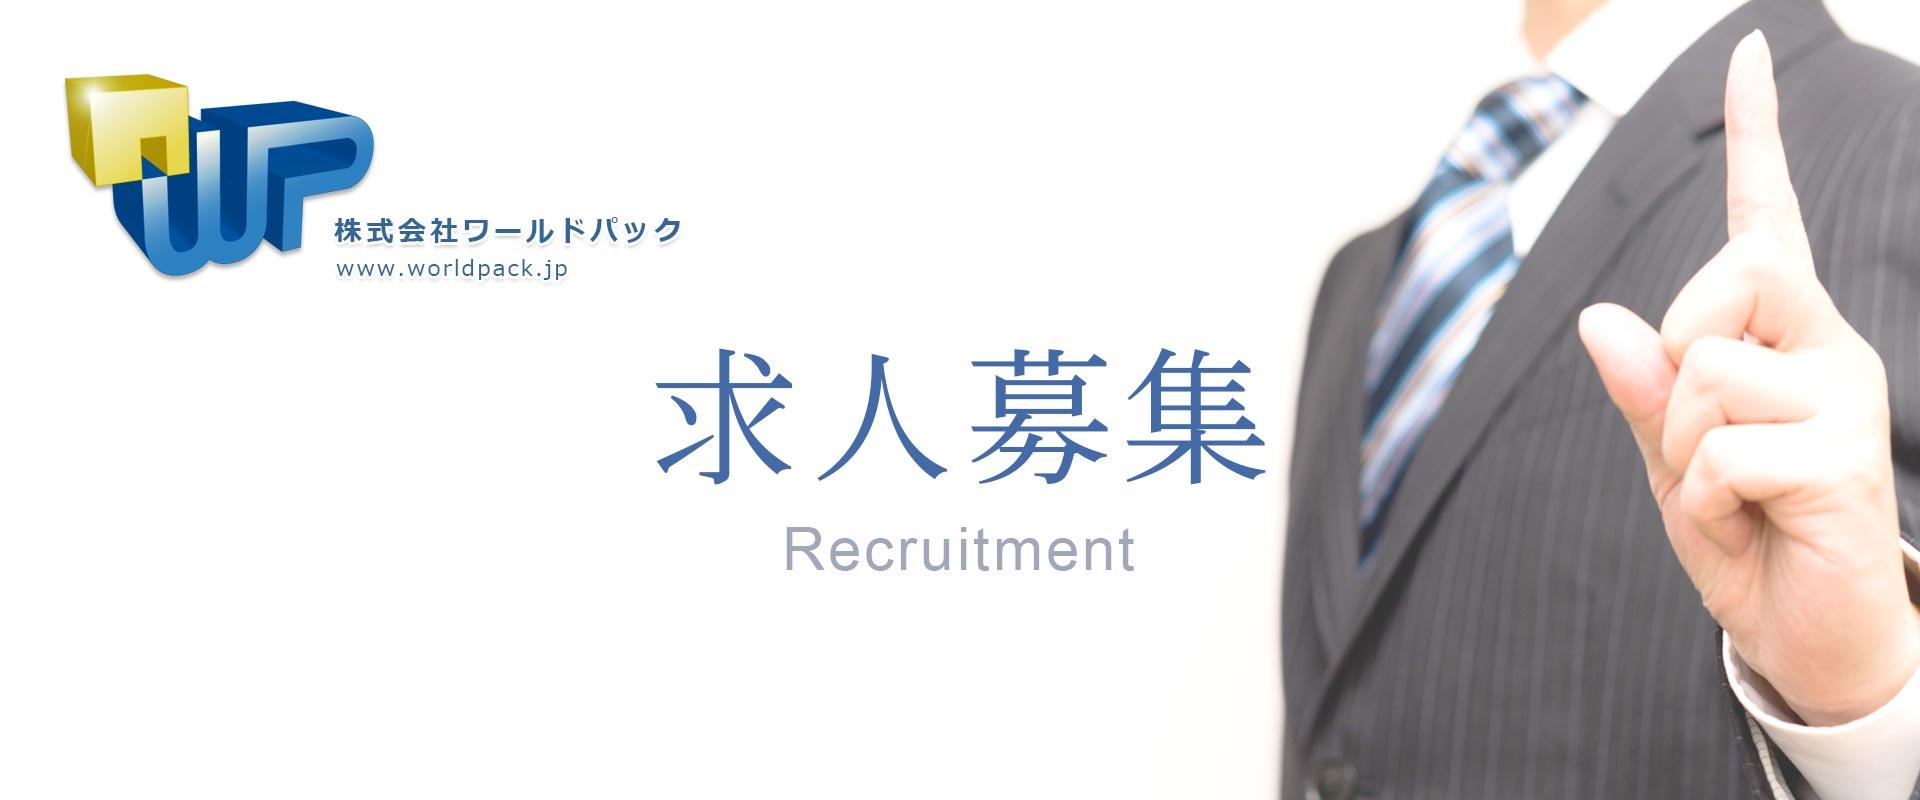 【お仕事の求人】急募にて正社員を募集しています。仕事内容は主に包装資材のルート営業です。 梱包資材の株式会社ワールドパック 東京都江東区